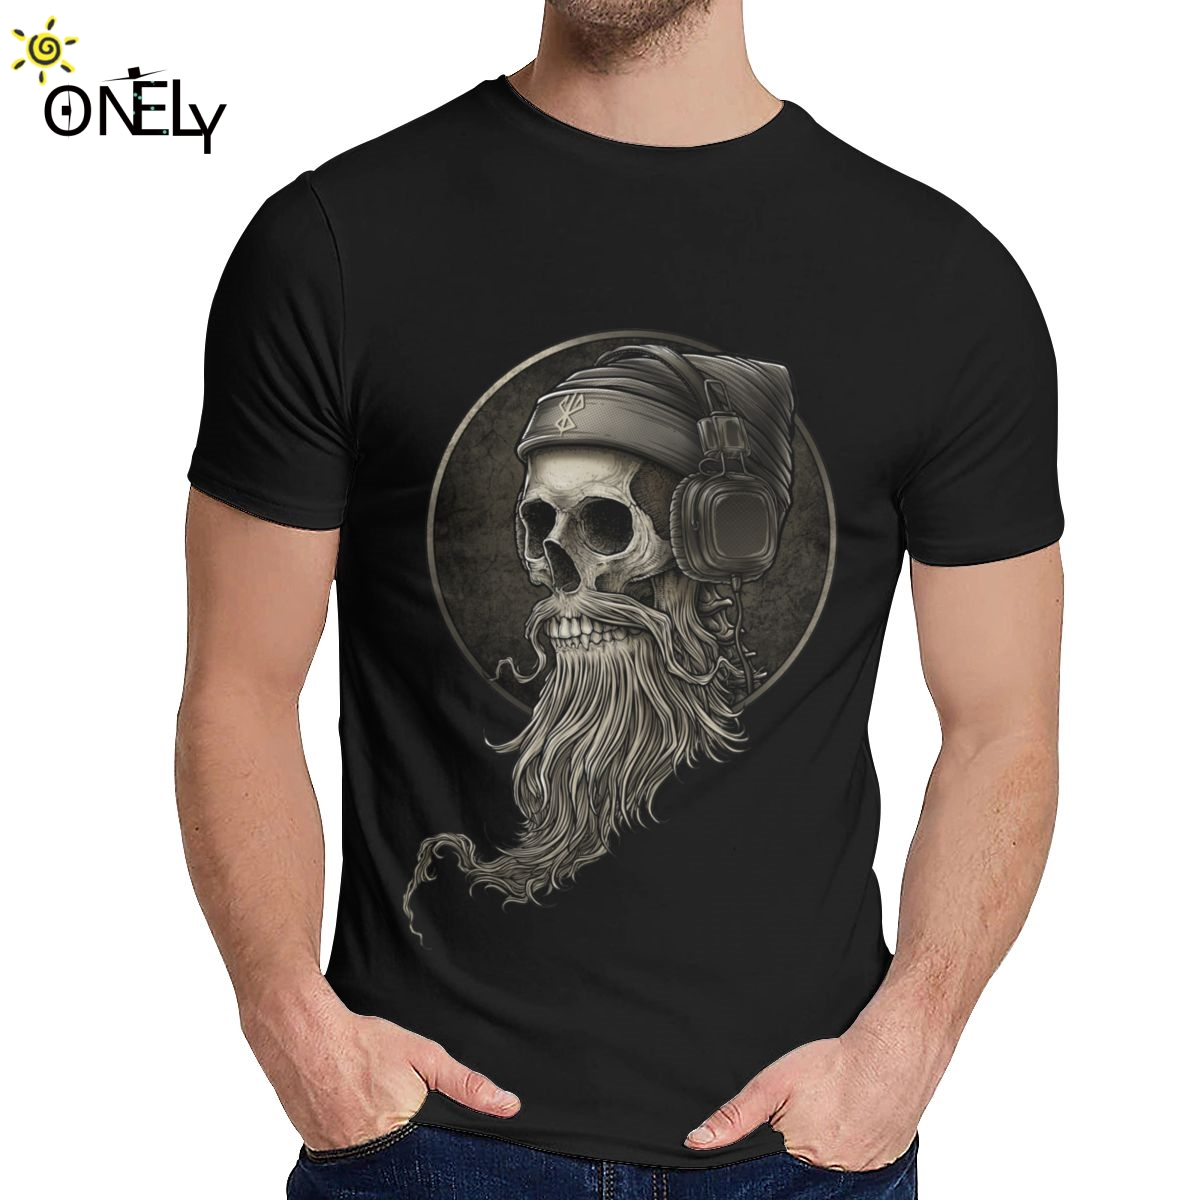 Camiseta de hombre de ocio Winya n. ° 99 calavera barba Calidad Algodón moda cuello redondo dibujo impreso La Camiseta